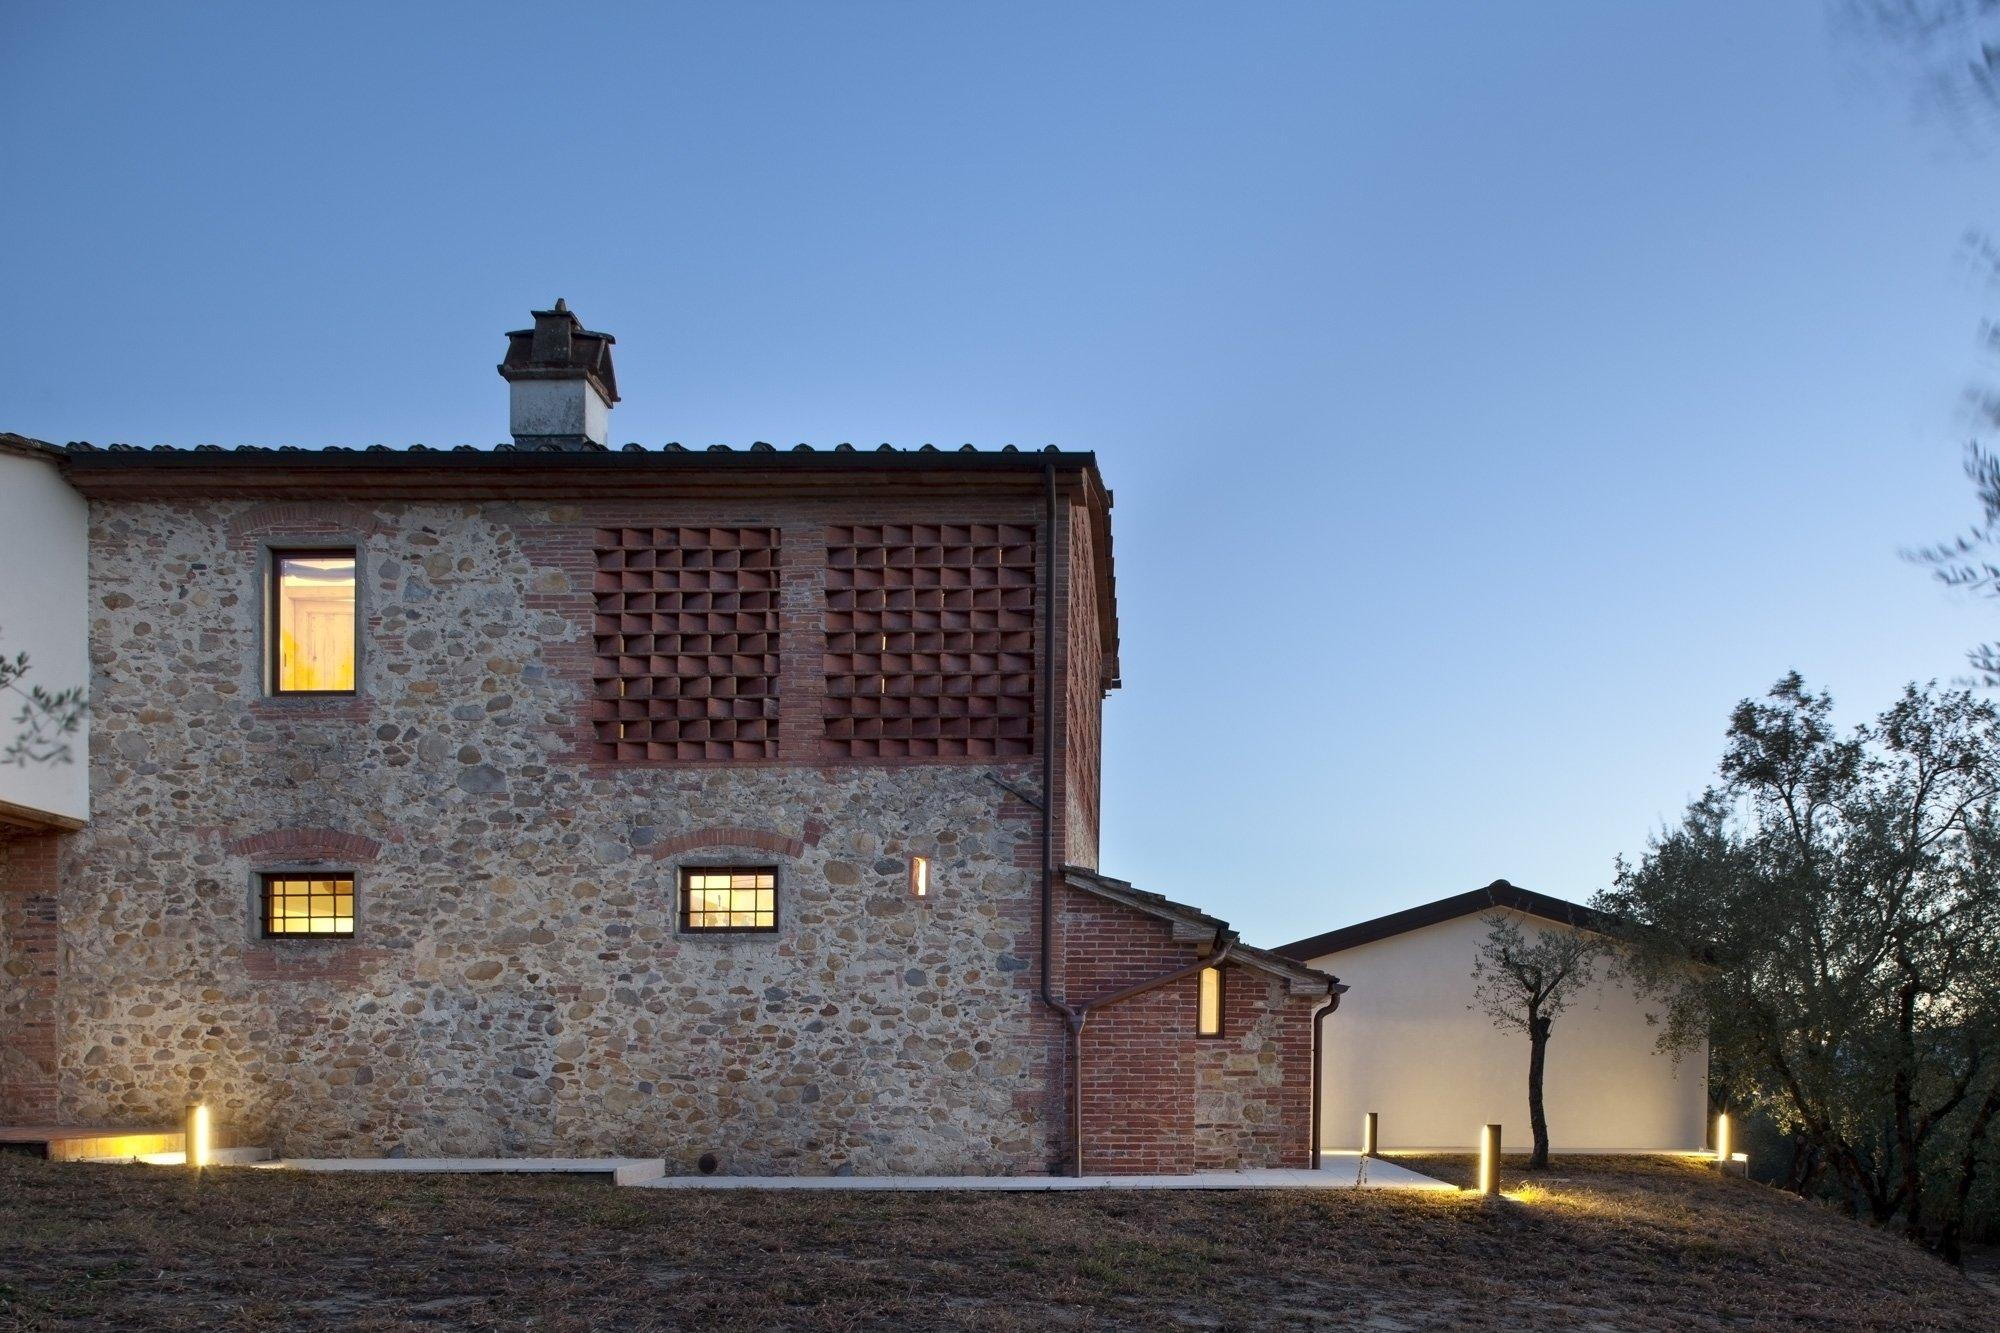 Casale di campagna for Architettura di campagna francese